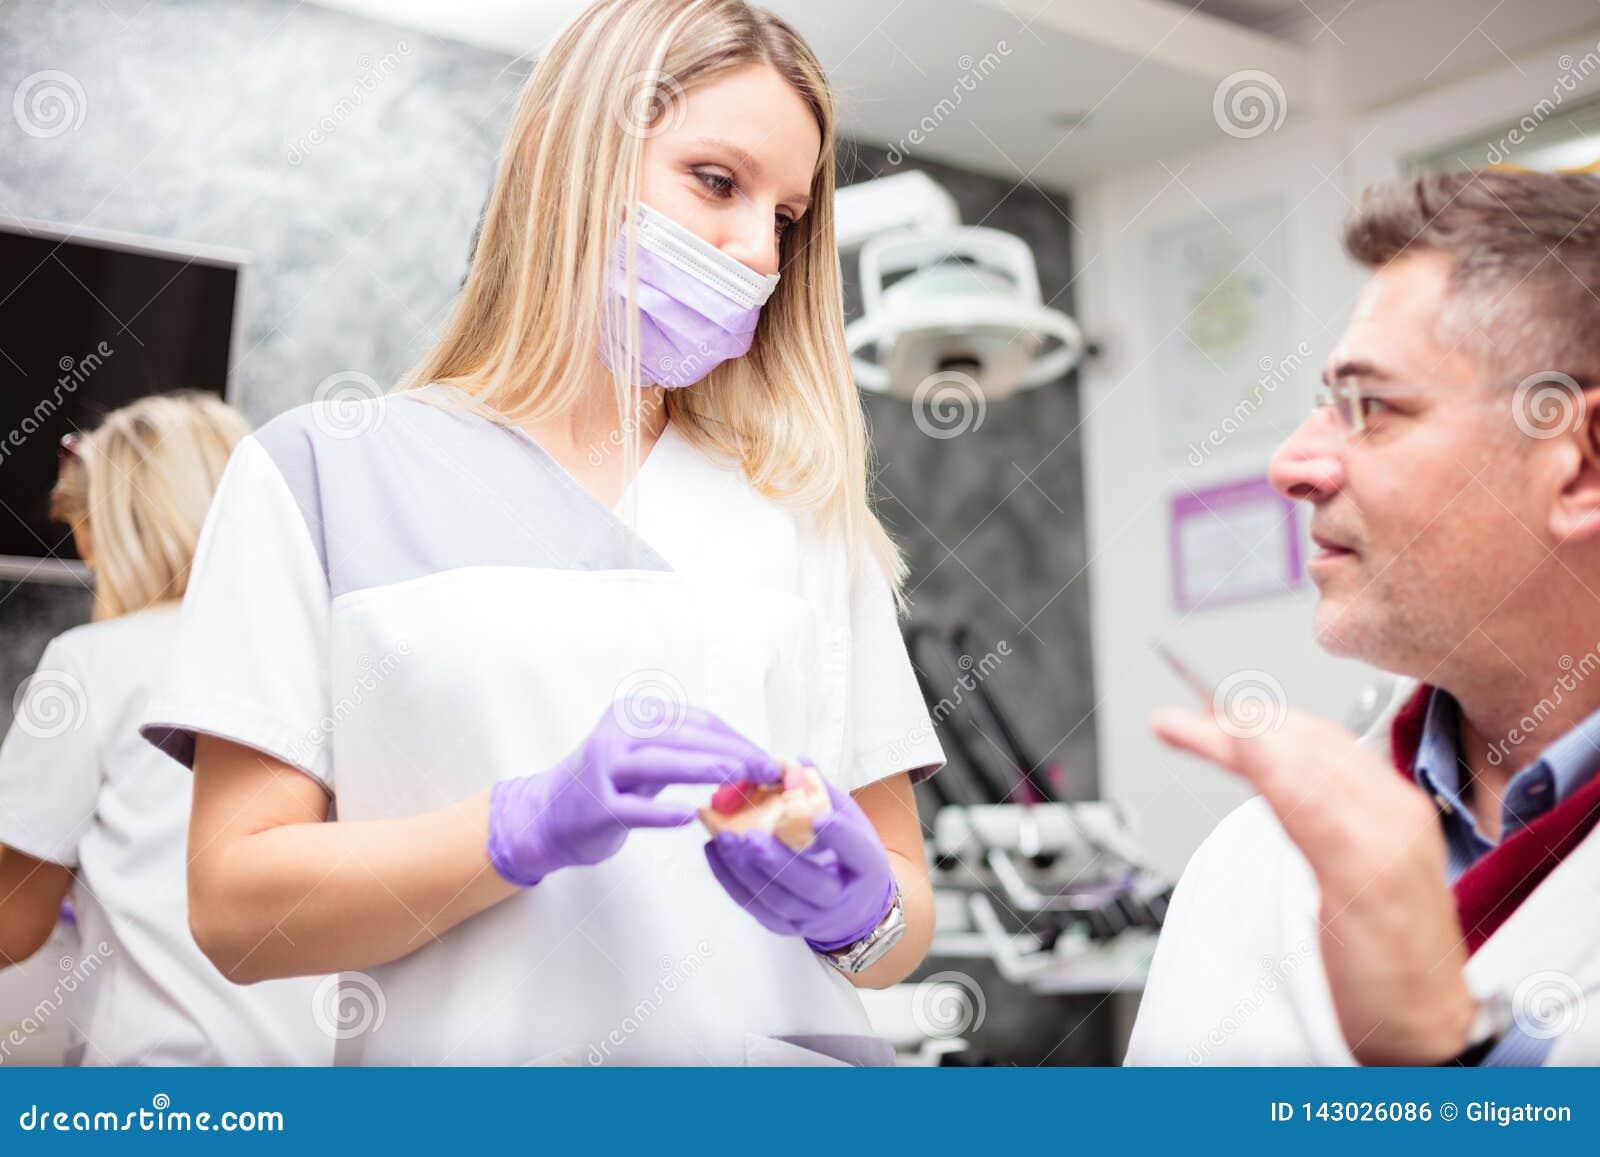 Νέος θηλυκός οδοντικός τεχνικός που συσκέπτεται με έναν ώριμο αρσενικό γιατρό στην οδοντική κλινική